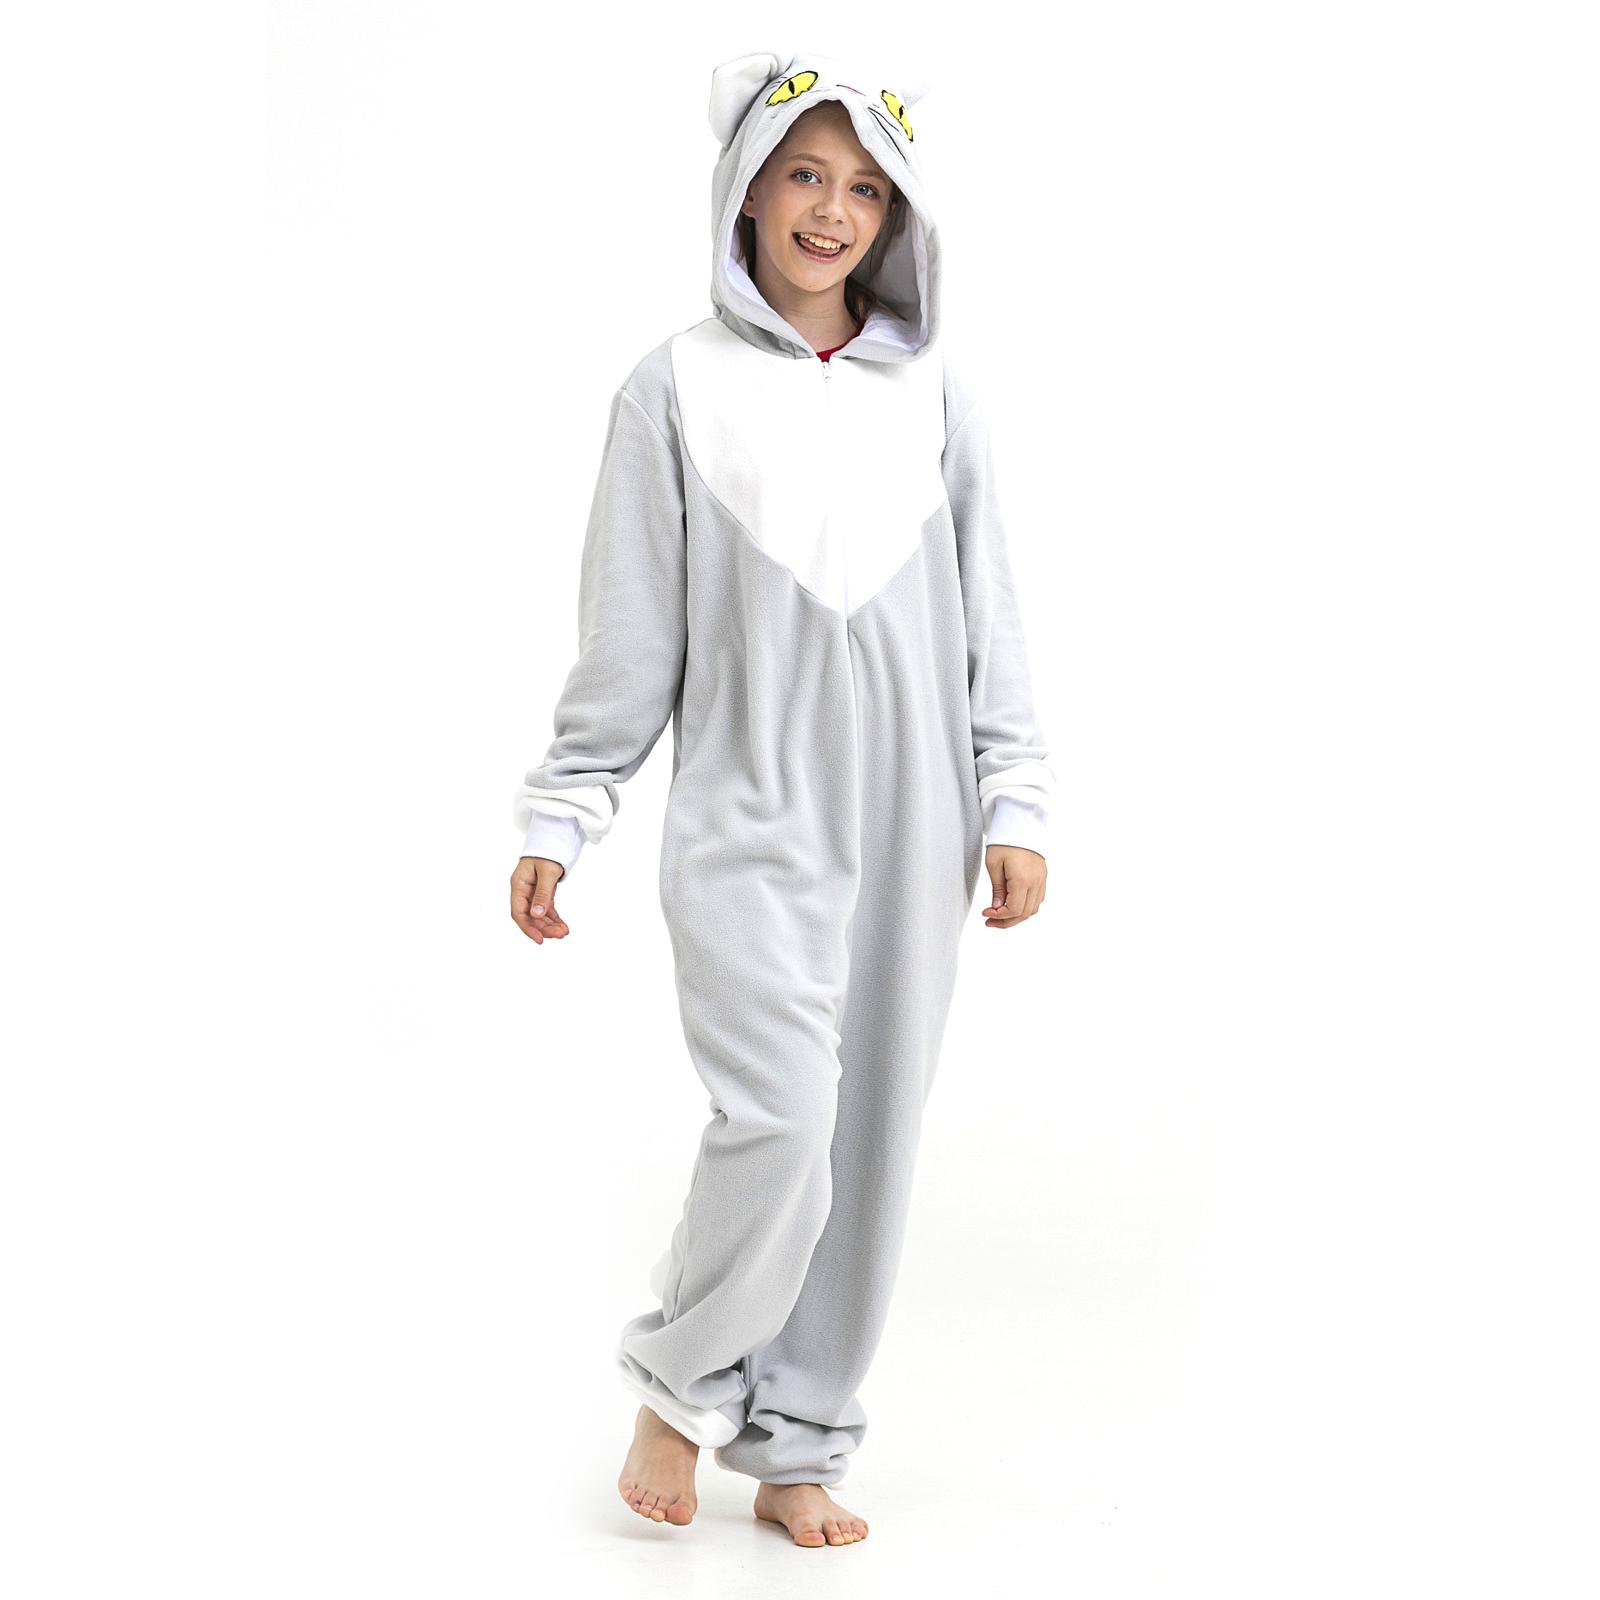 Пижамы для детей Серый кот детский kigurumi_futujama_detskiy_kot_seriy__3_of_5_.jpg